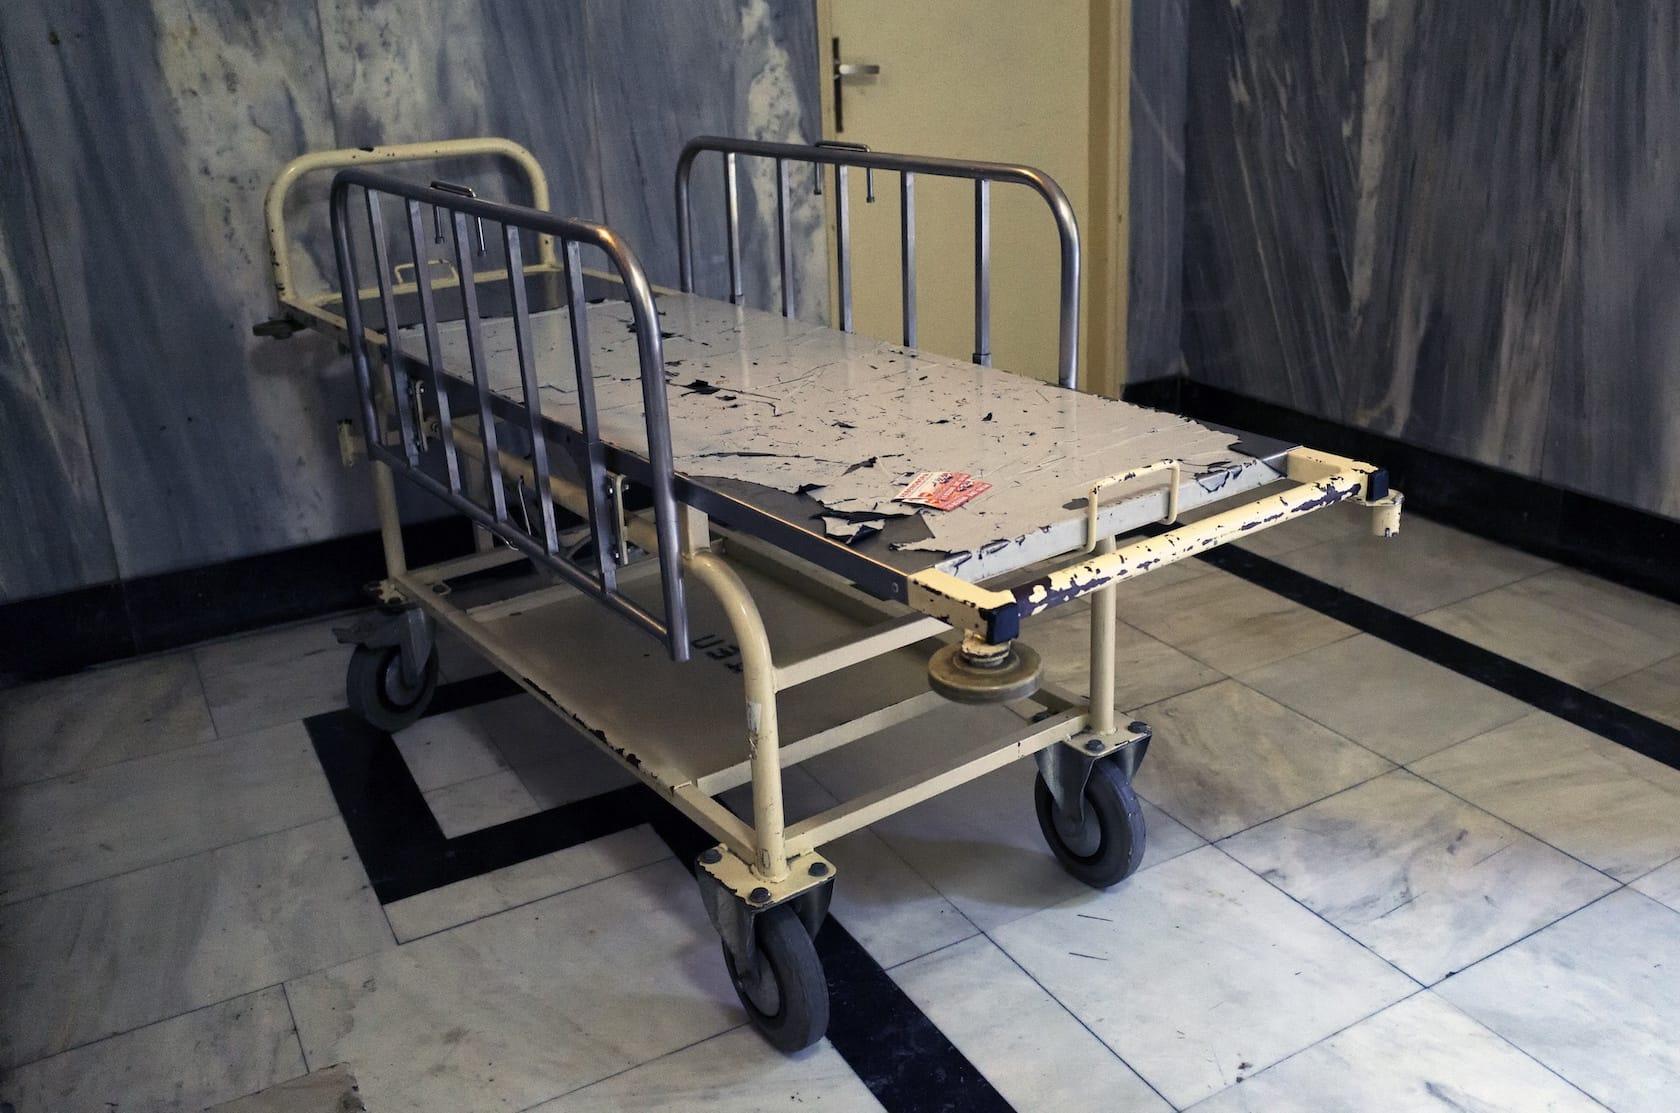 """""""Death bed"""" by Spyros Papaspyropoulos"""